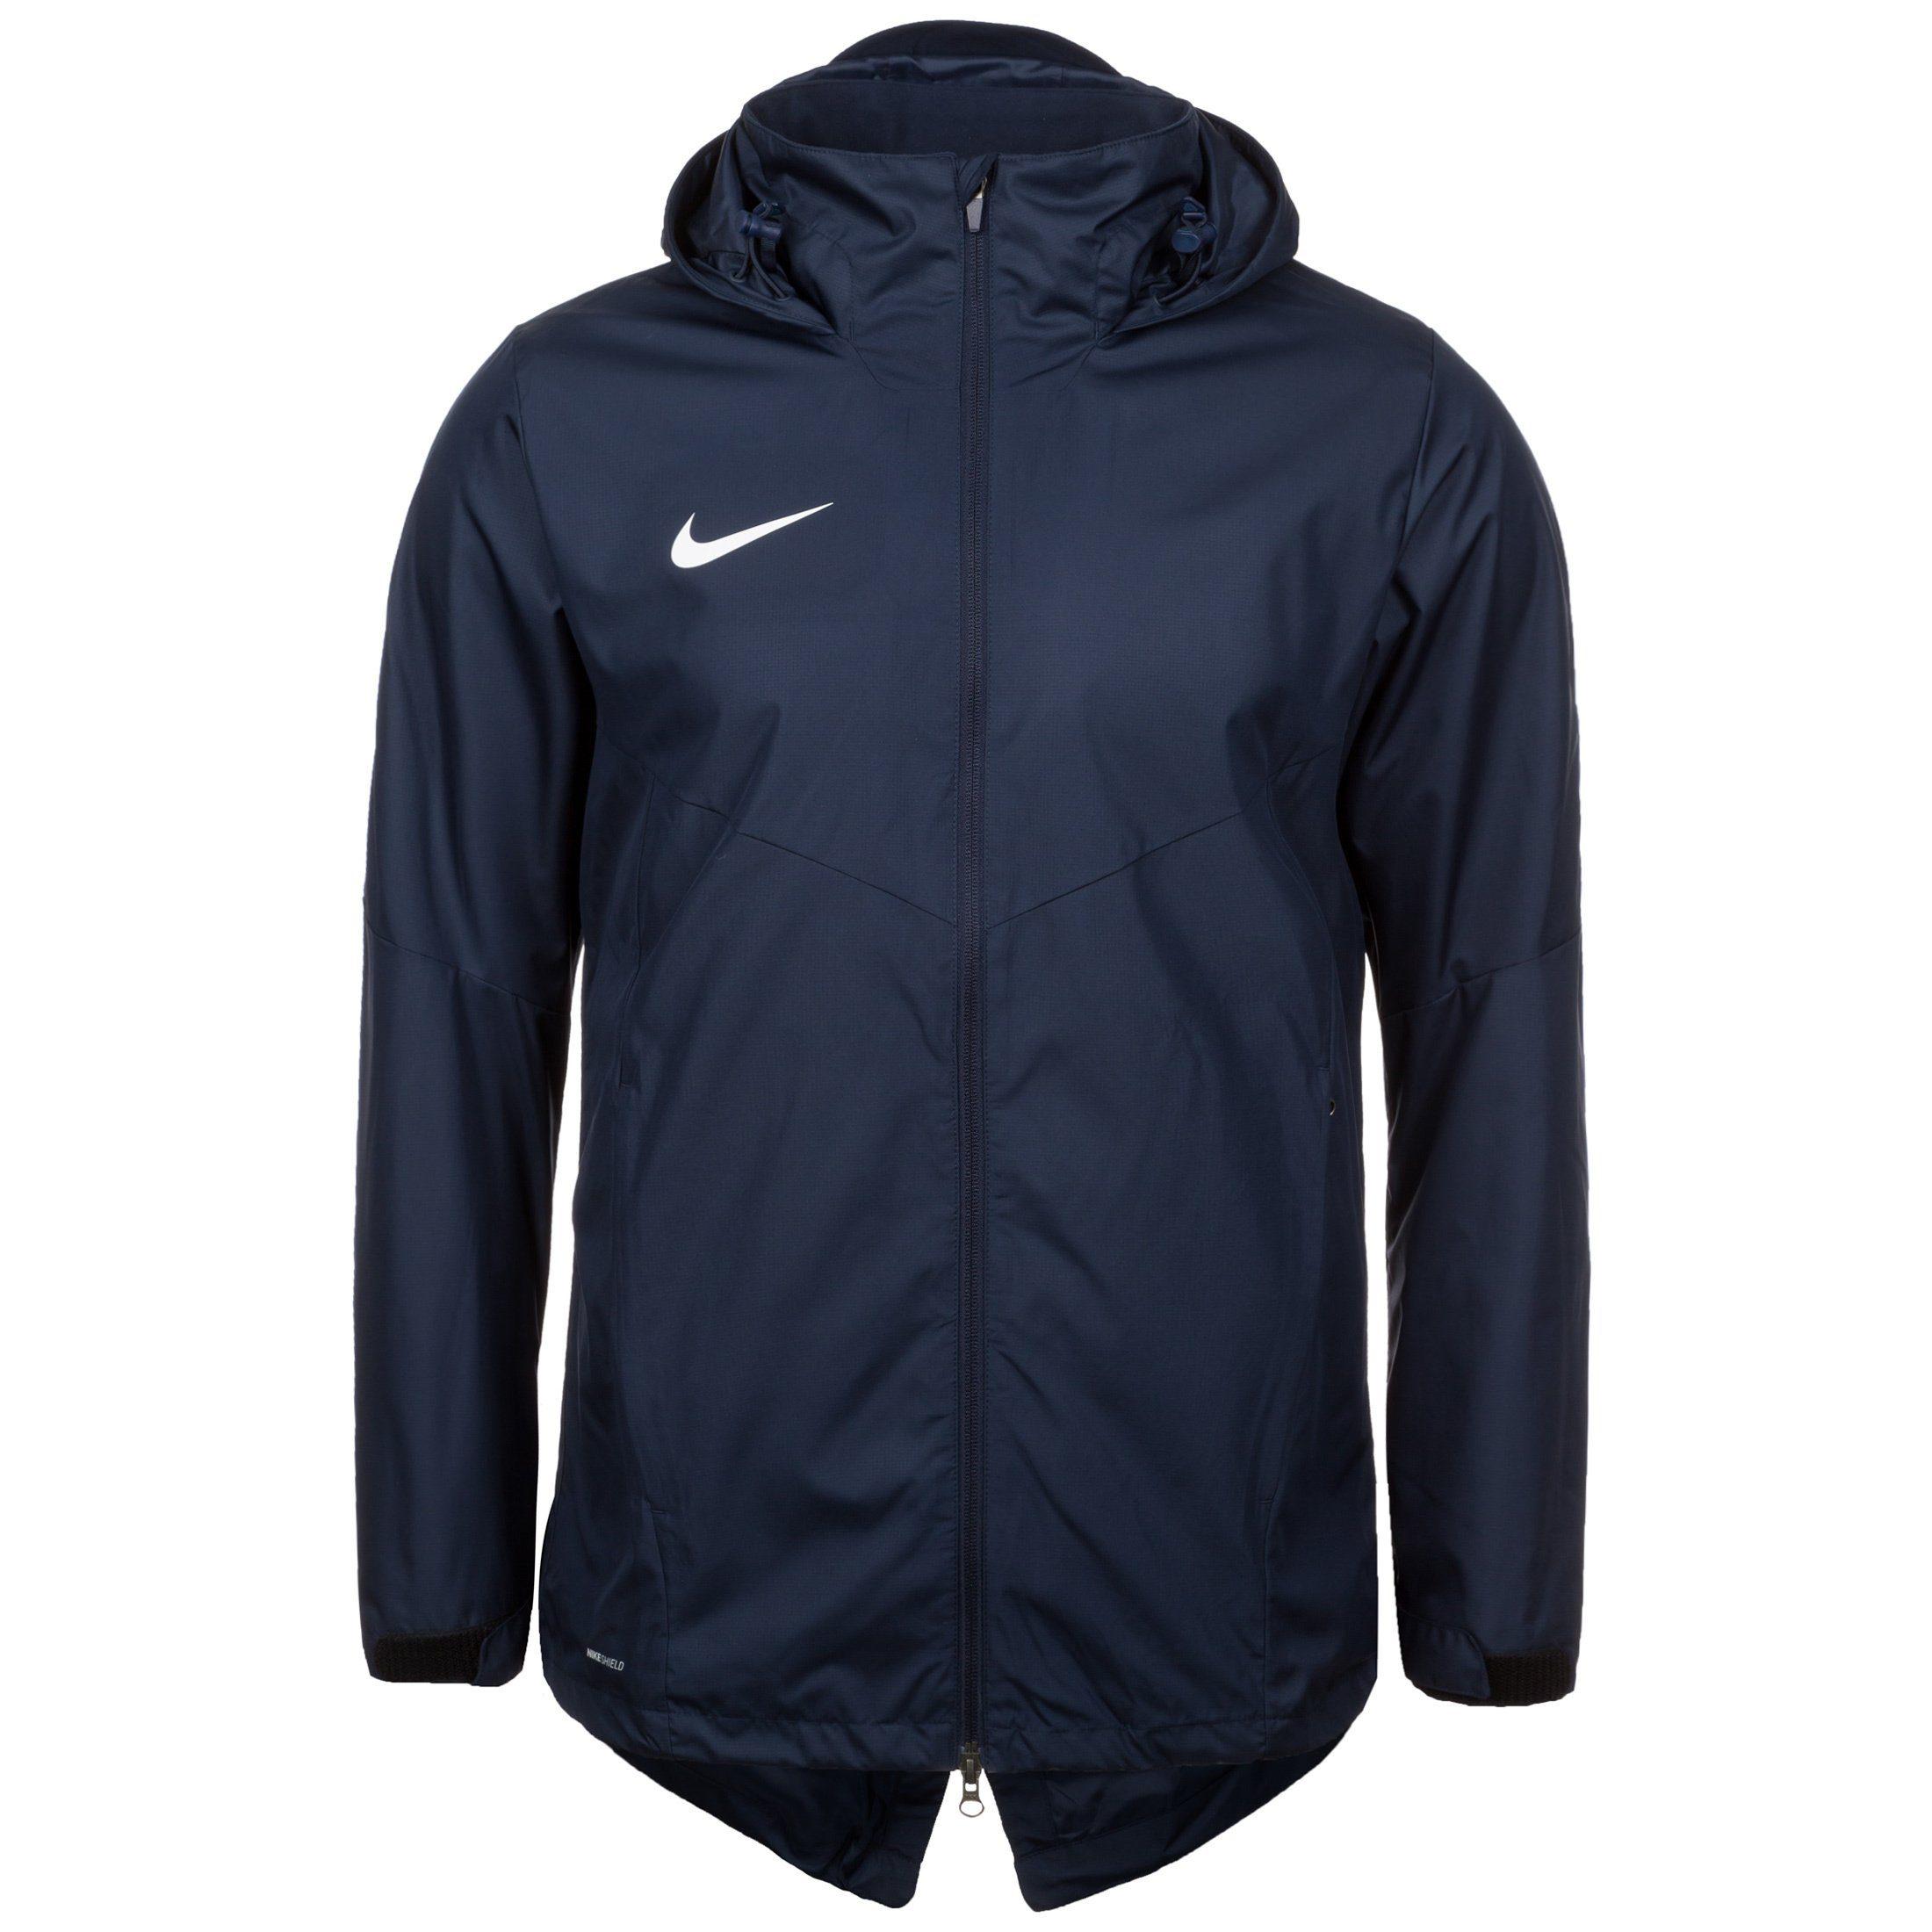 Nike Regenjacke Dry Park 18 | Sportbekleidung > Sportjacken > Regenjacken | Nike